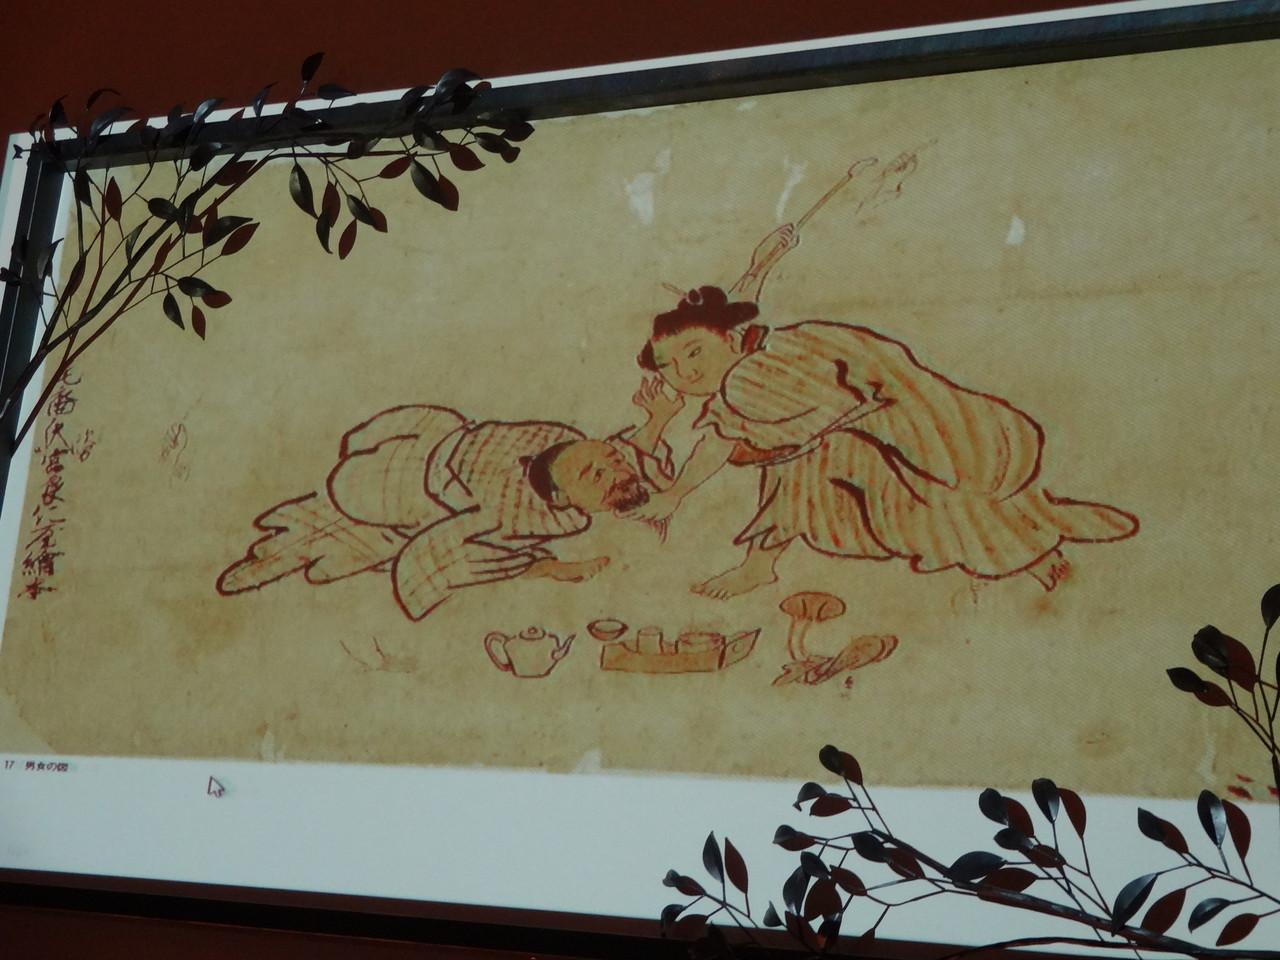 鎌倉芳太郎図